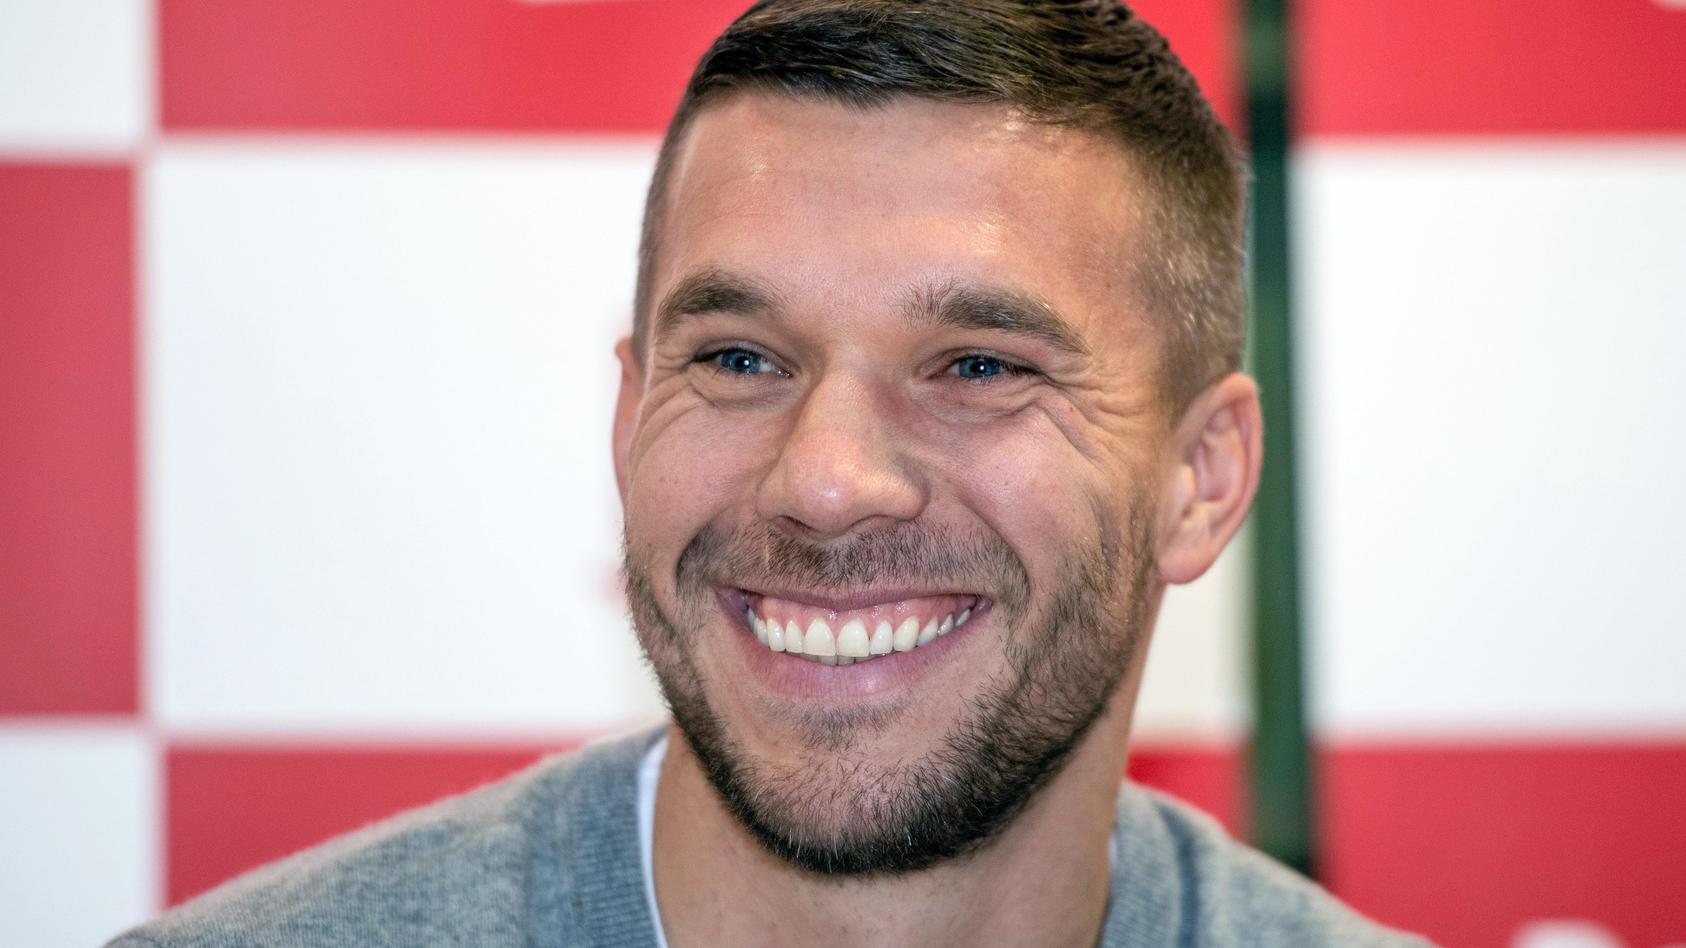 Lukas Podolski gratuliert seinem Teenager-Sohn mit Erinnerungsfotos an einen großen Erfolg